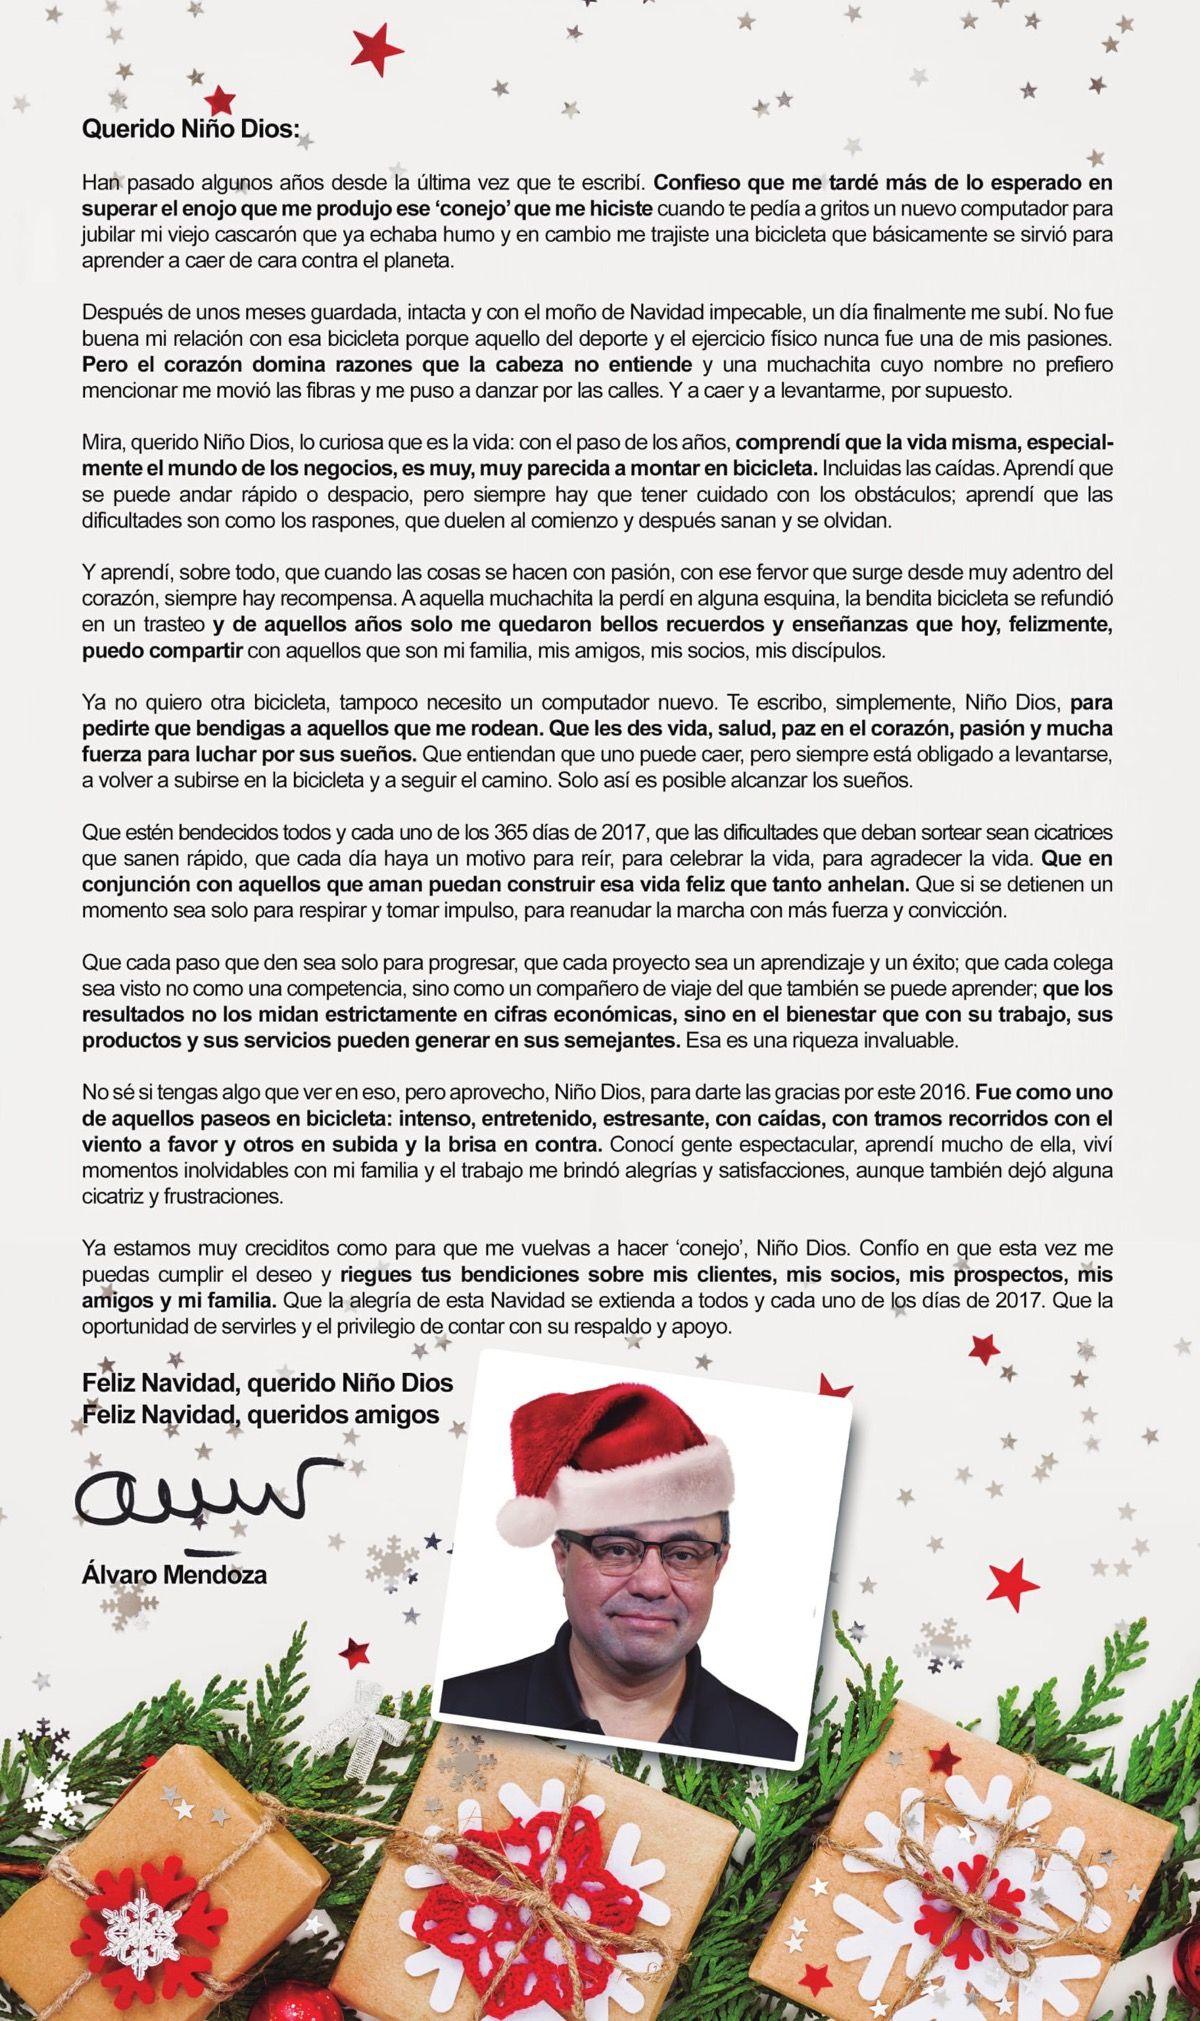 Carta al Niño Dios - Feliz Navidad 2016 - Alvaro Mendoza ...